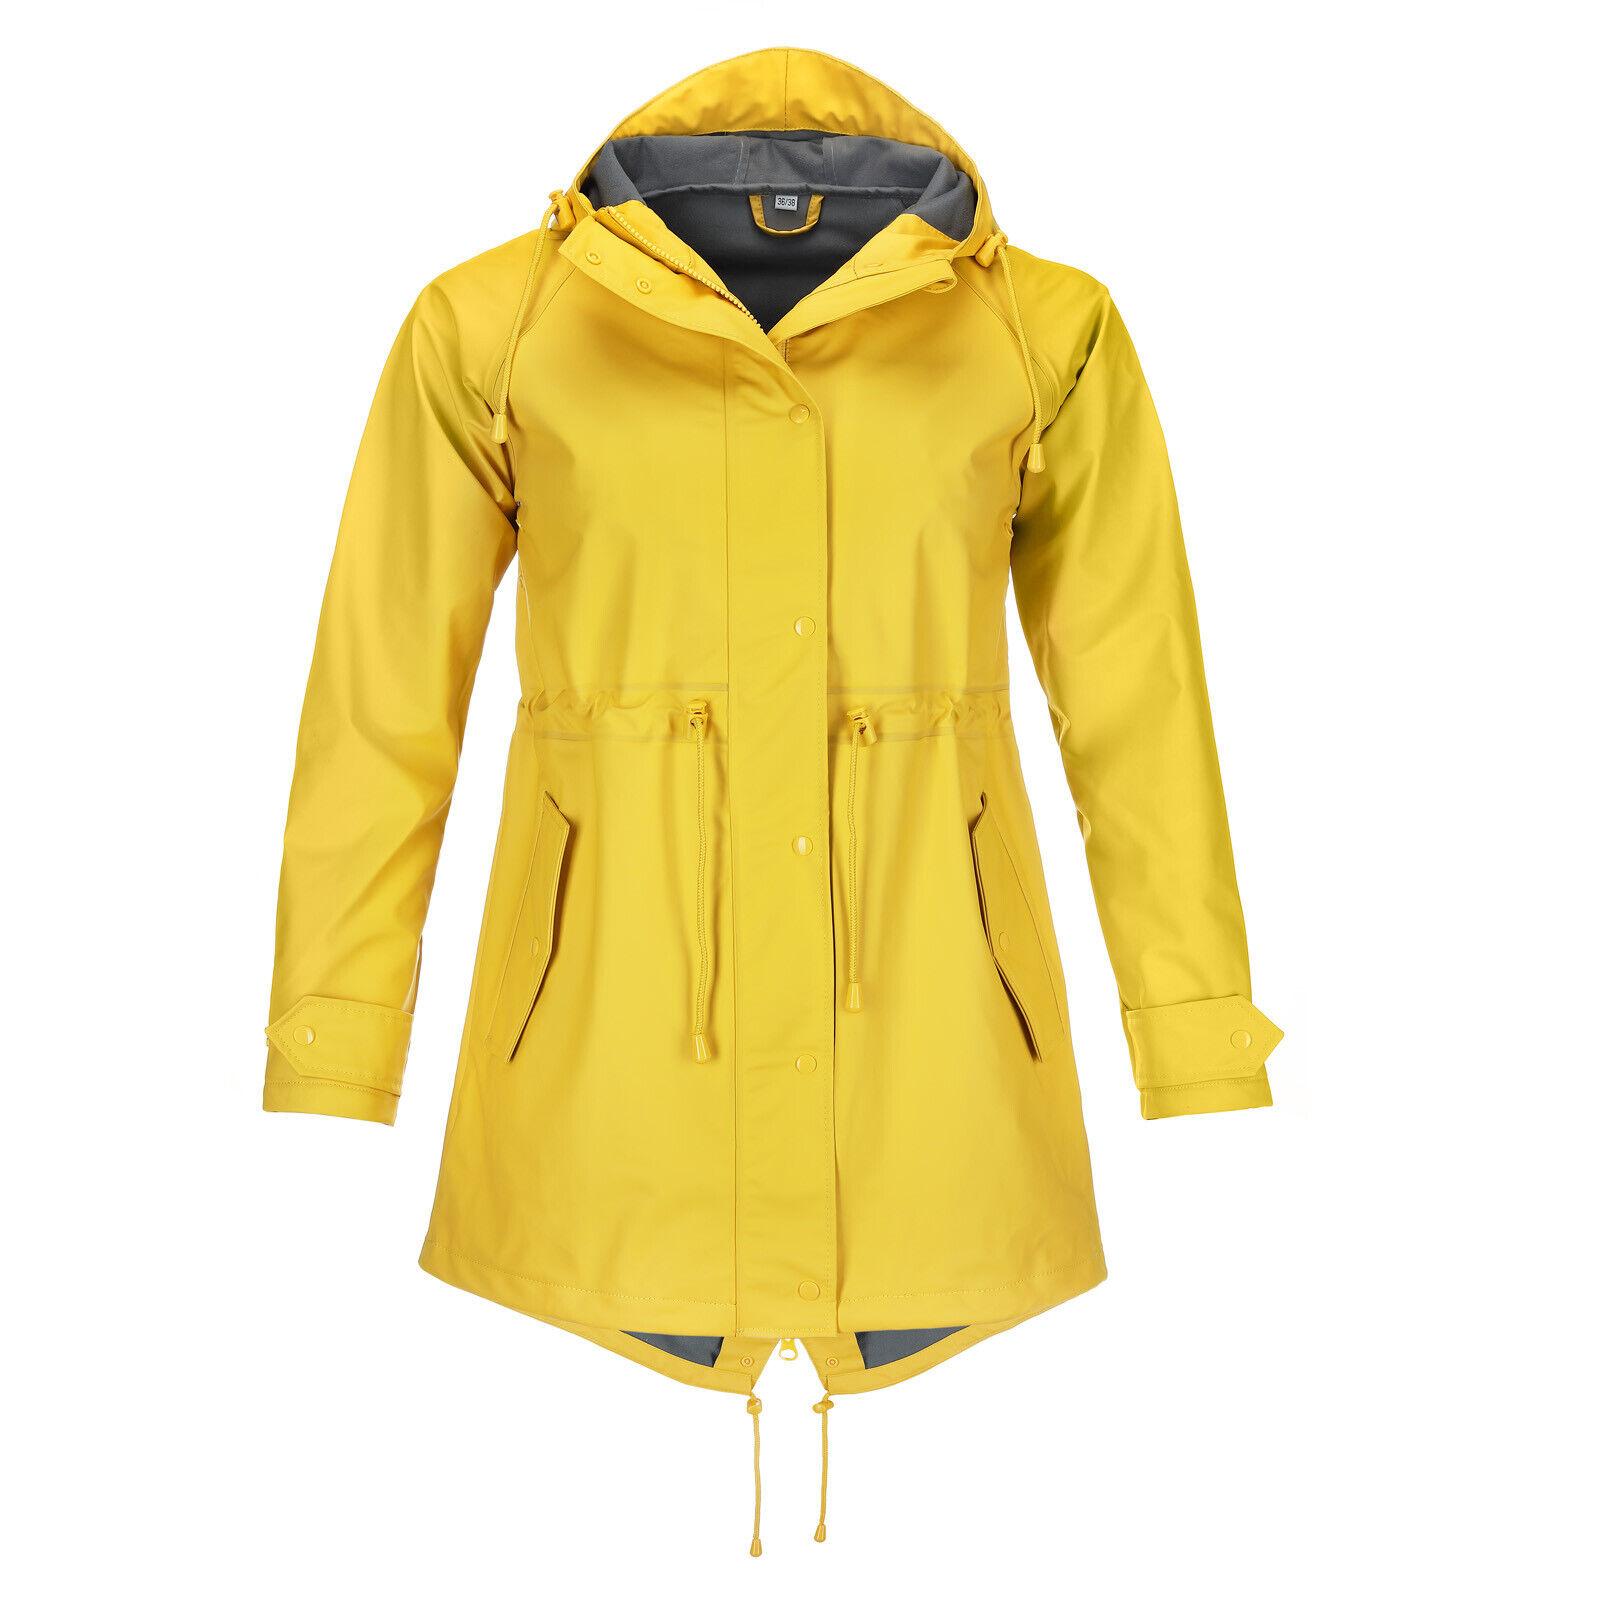 big sale e0712 8a833 Cappotto Modas Impermeabile Pioggia da Giacca SudOvest ...